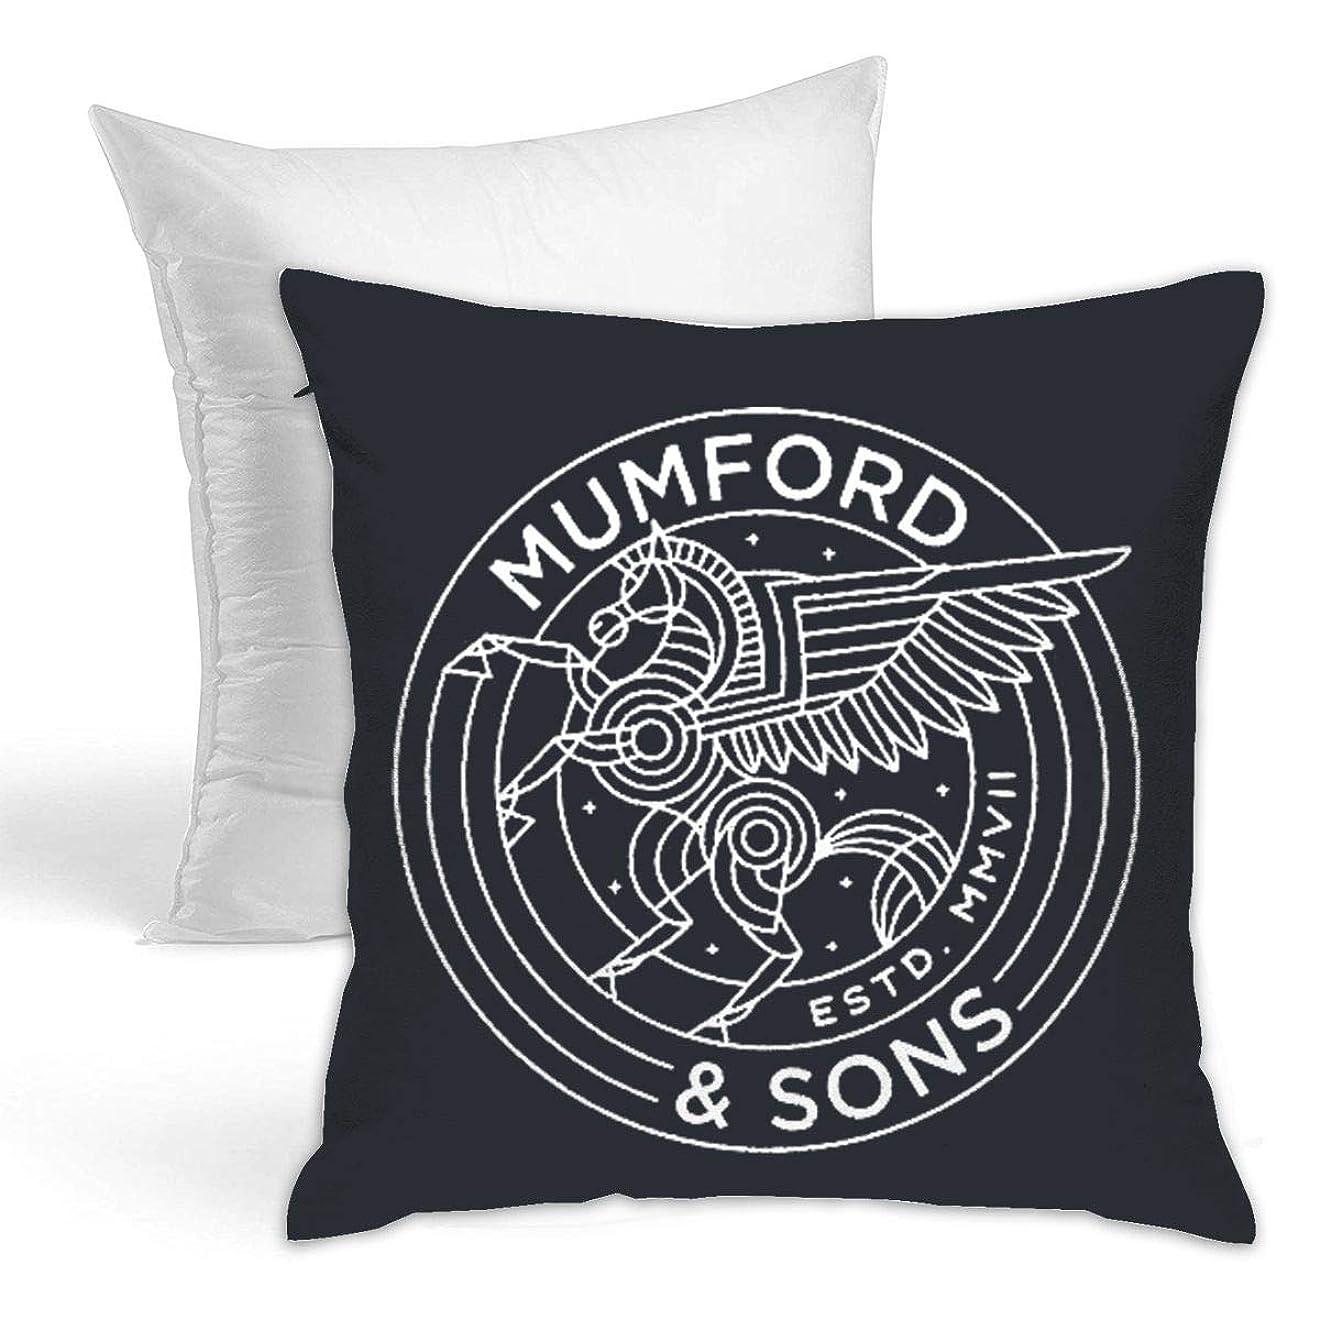 管理者キャンバス気候Mumford & Sons クッション ソファ背当て 装飾枕カ 座布団 枕 車用品 ホーム 部屋 インテリア 飾り 抱き枕 1個